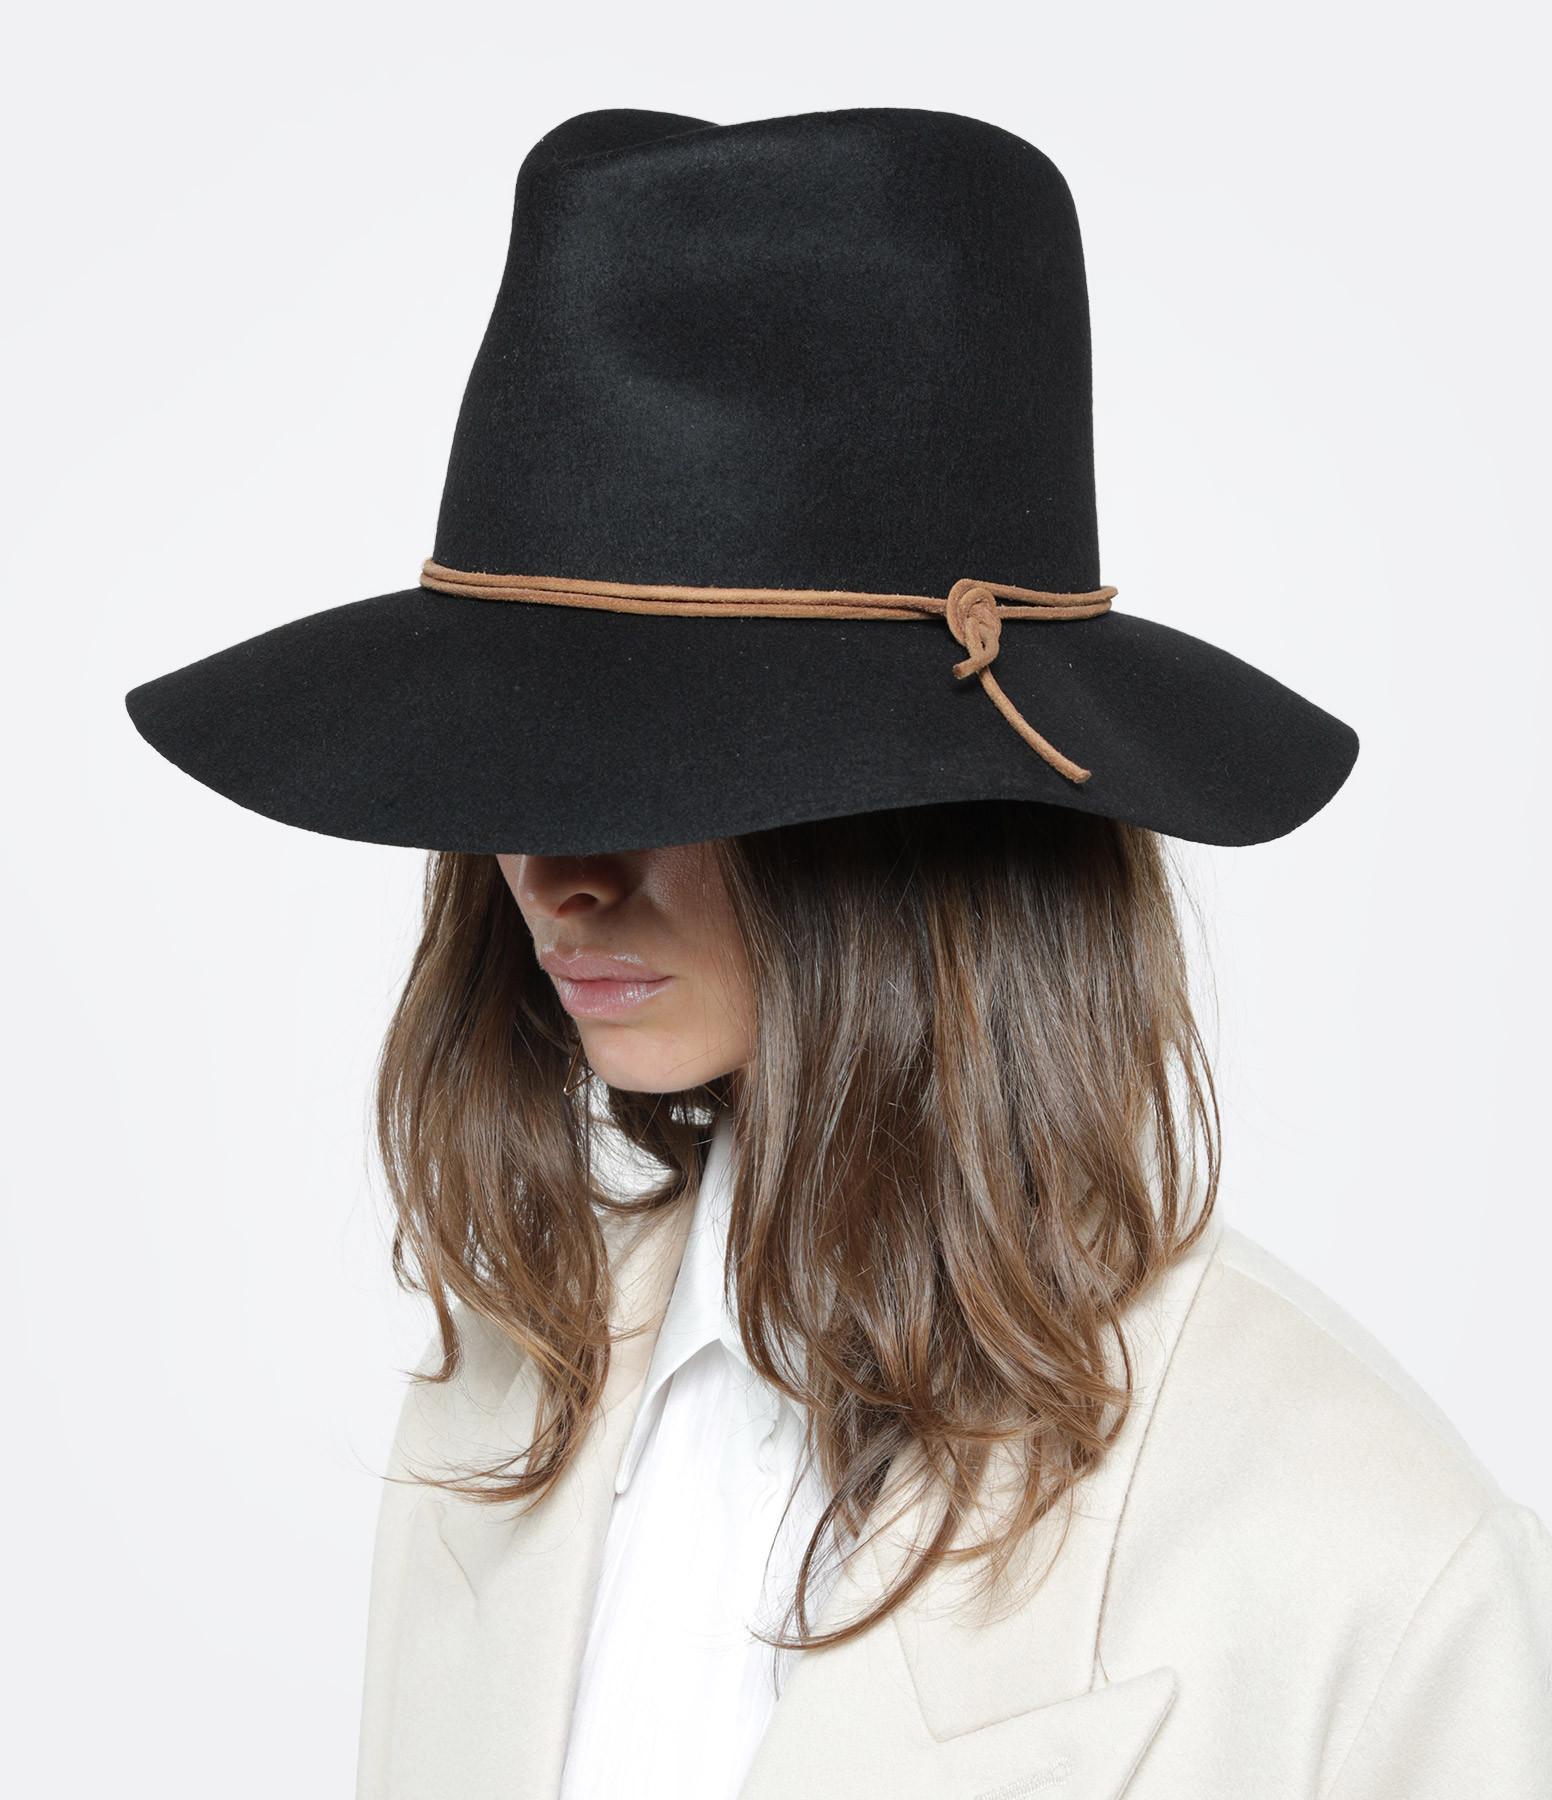 ISABEL MARANT - Chapeau Kinly Laine Noir